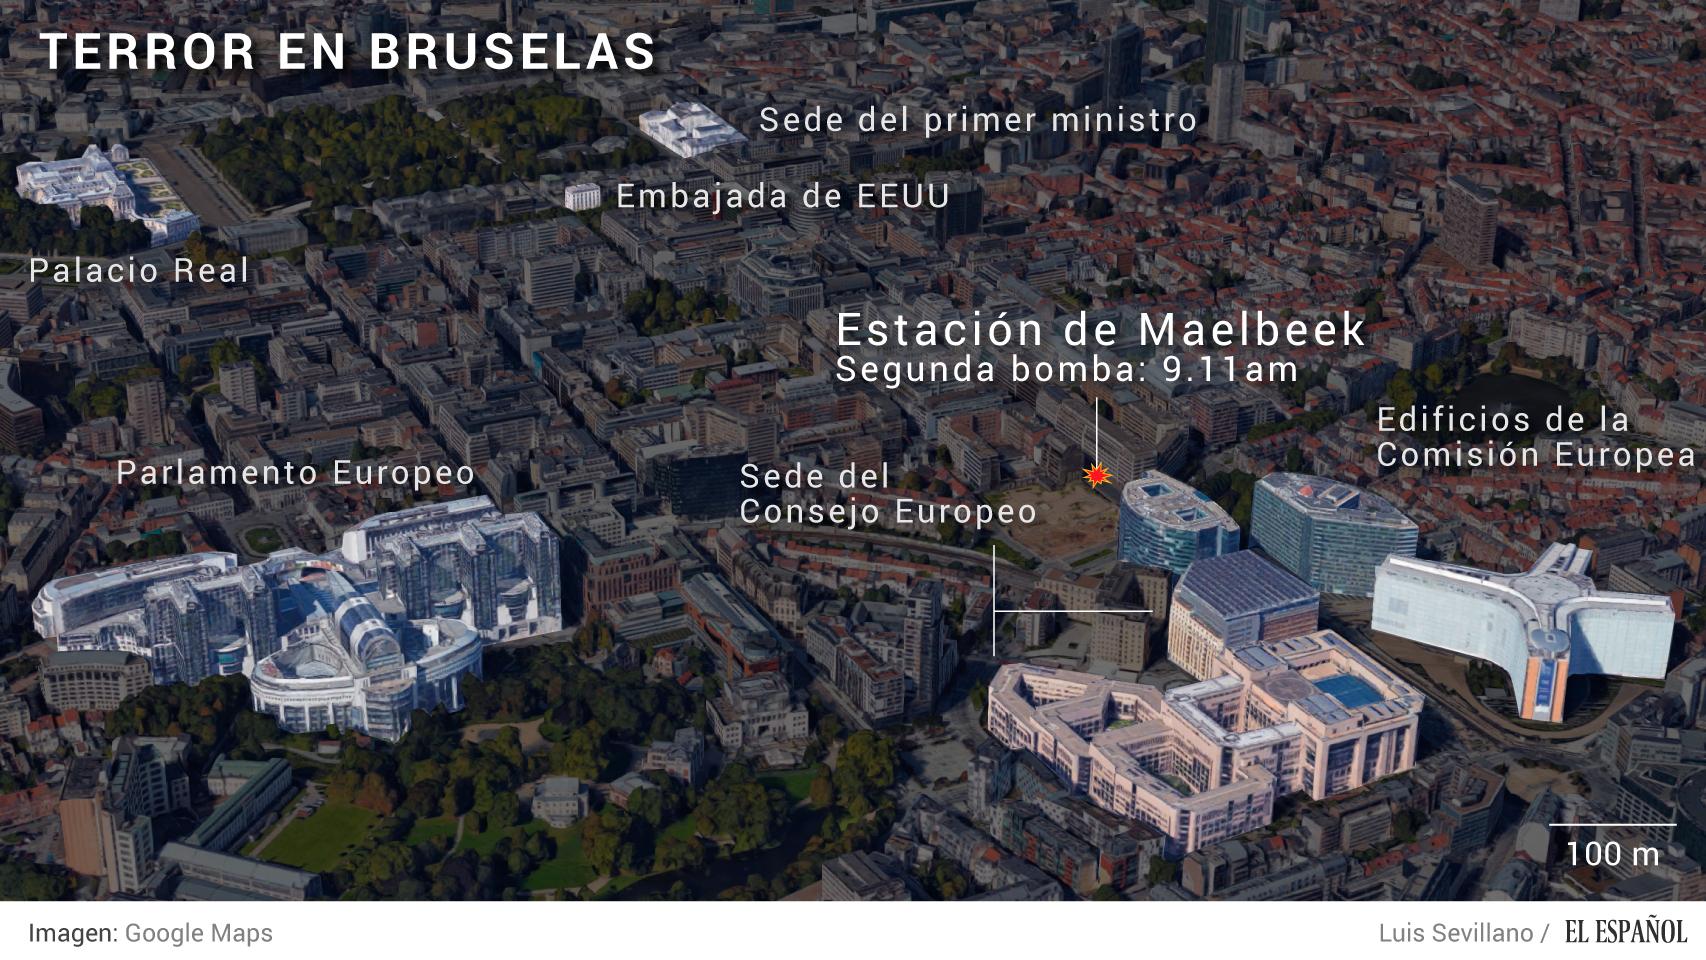 Una de las explosiones ha ocurrido muy cerca de las instituciones europeas.